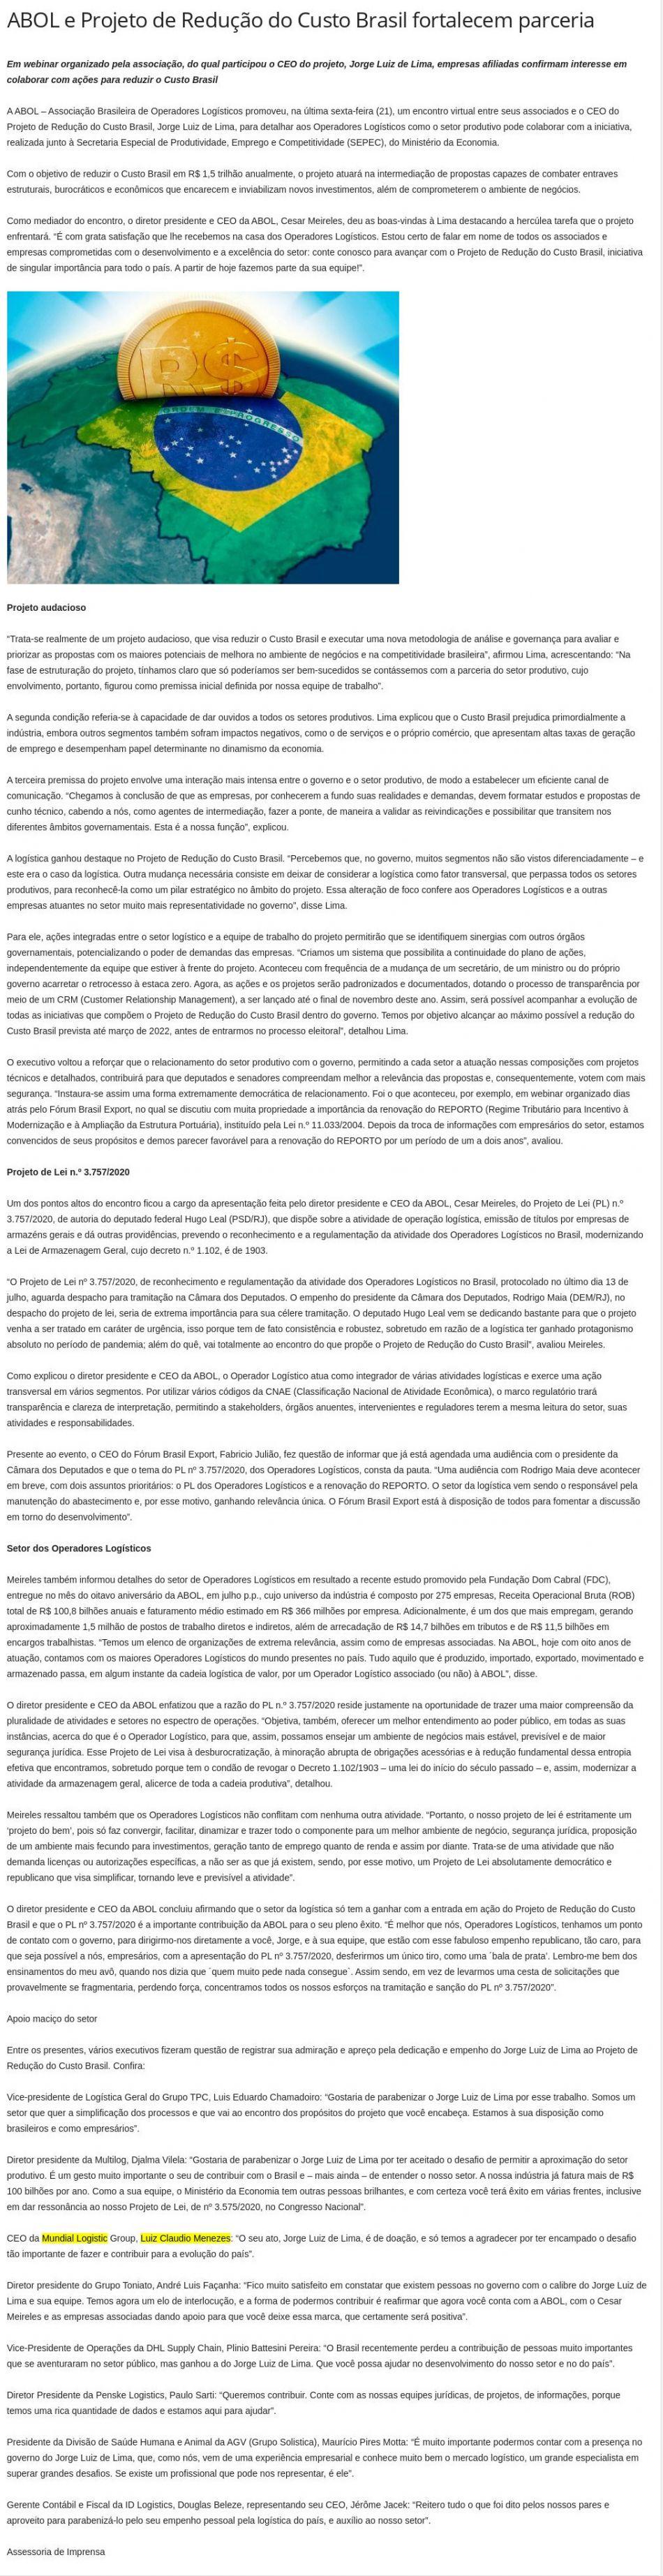 ABOL e Projeto de Redução do Custo Brasil fortalecem parceria - Câmara do Comércio Exterior de Campinas e Região